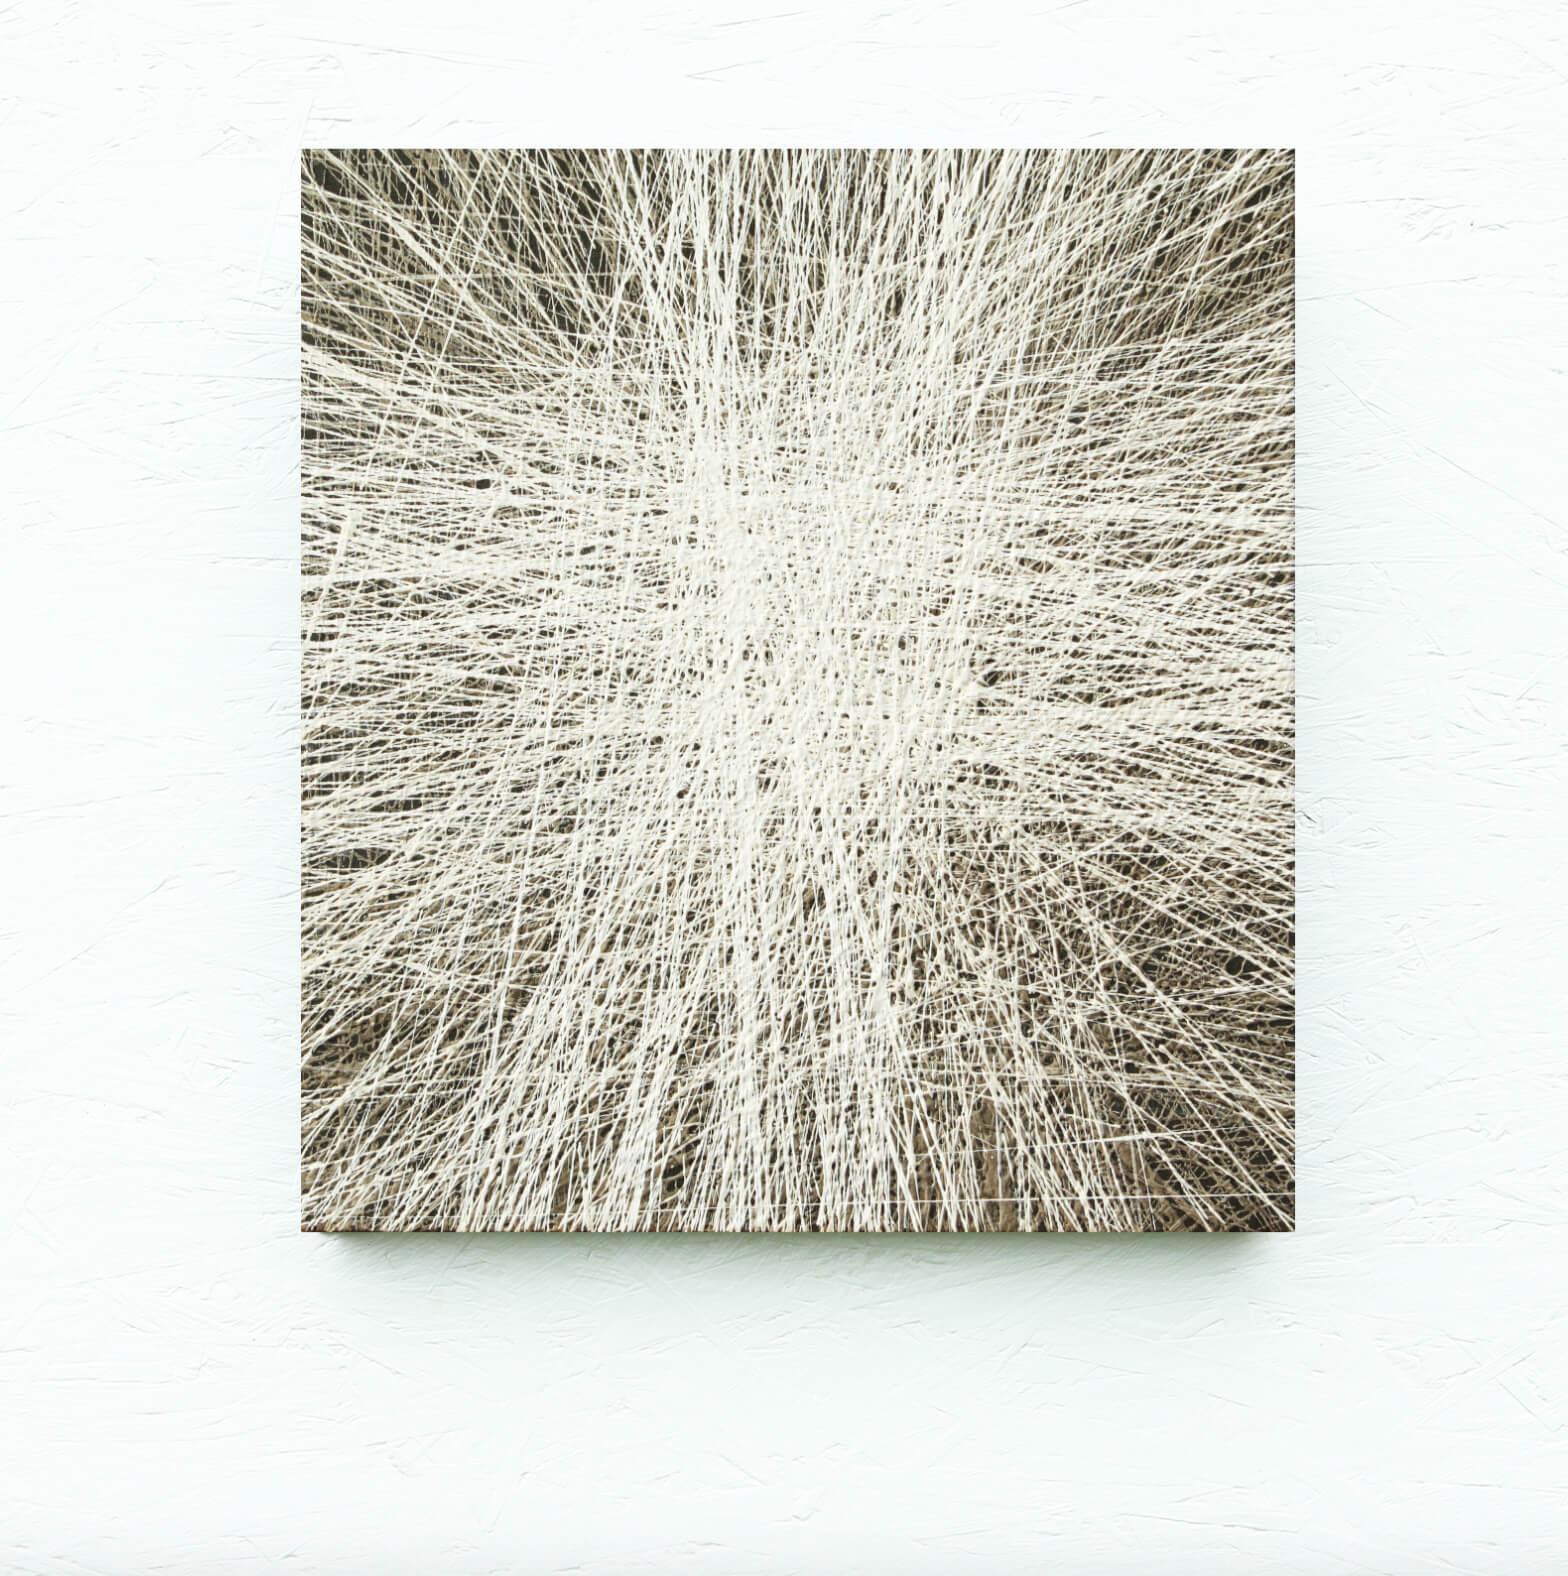 Nimetu . 50 x 53 cm